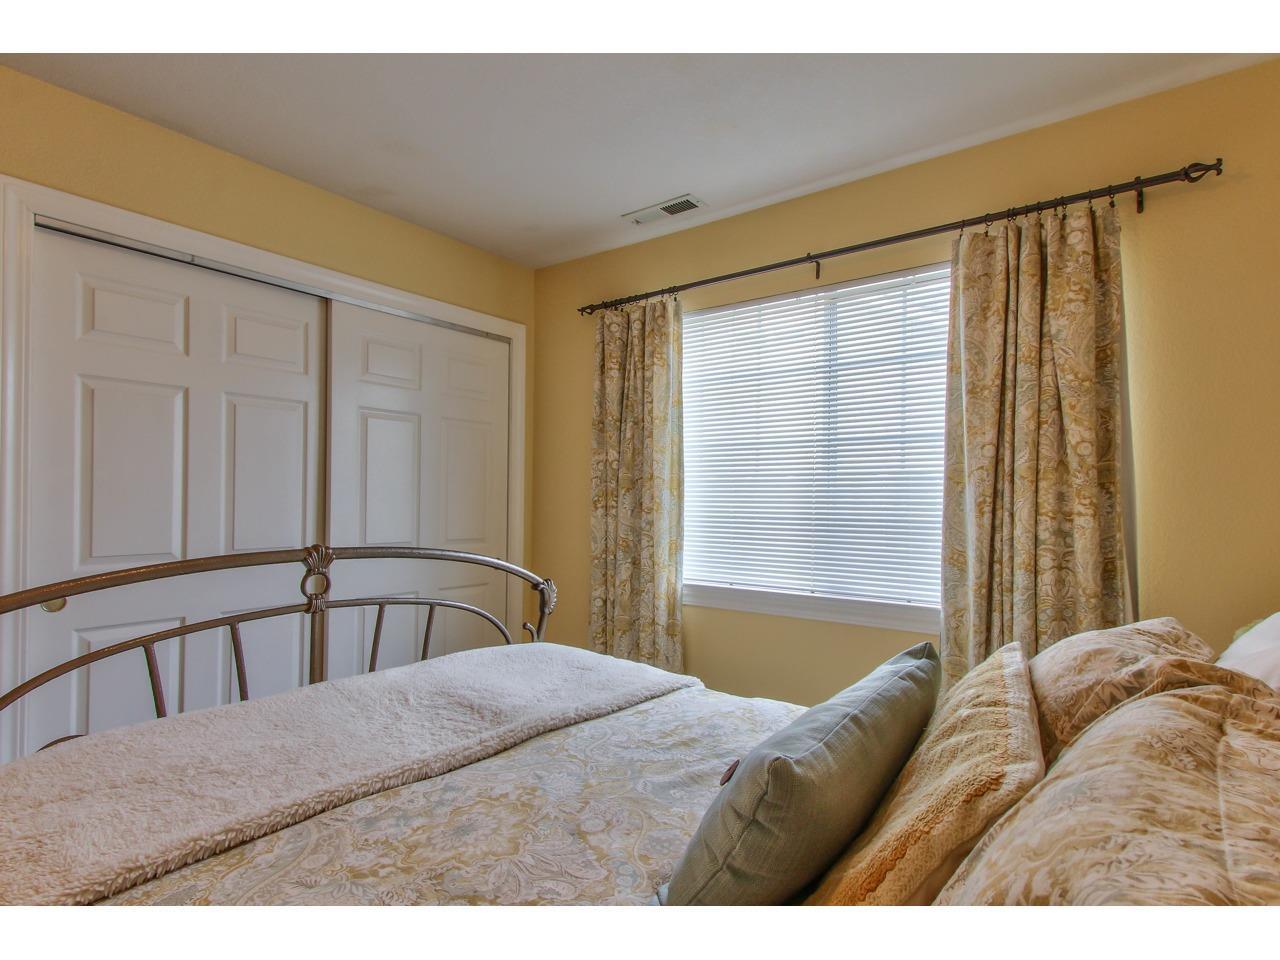 3334 Michael Drive Marina, CA 93933 - MLS #: ML81732104